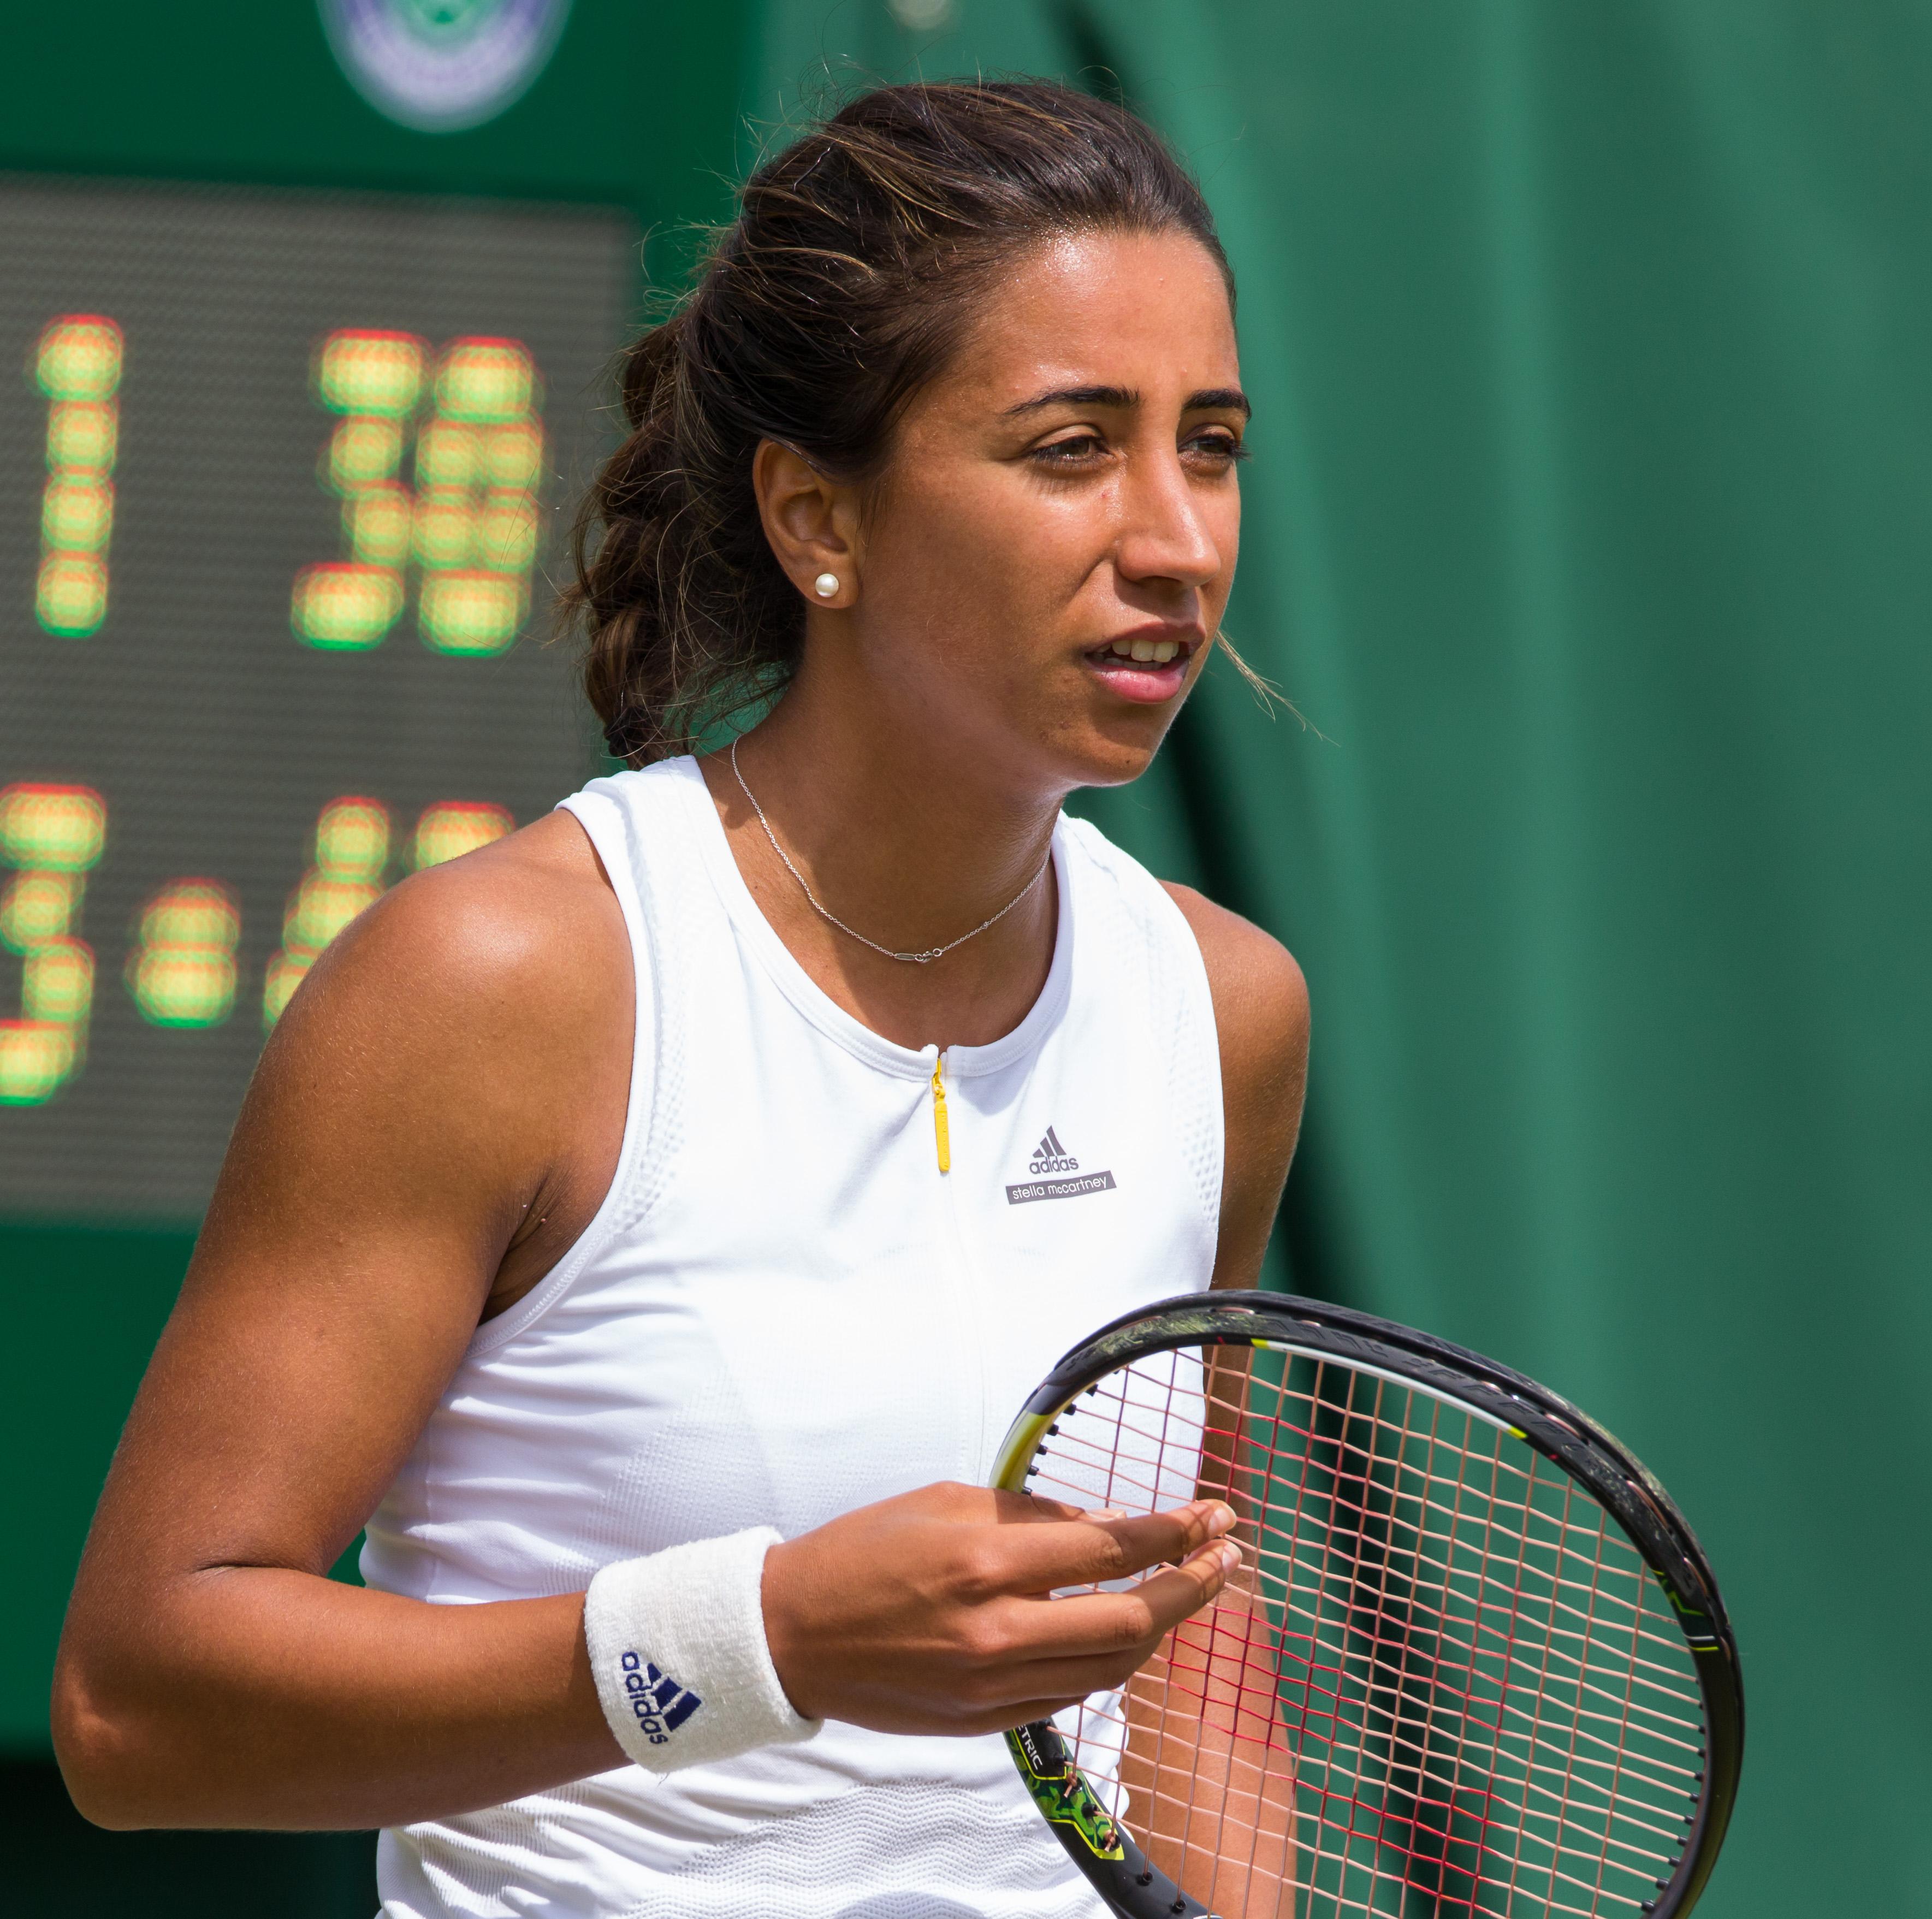 V rámci okruhu ITF získala šest titulů ve dvouhře a osm ve čtyřhře.[2].